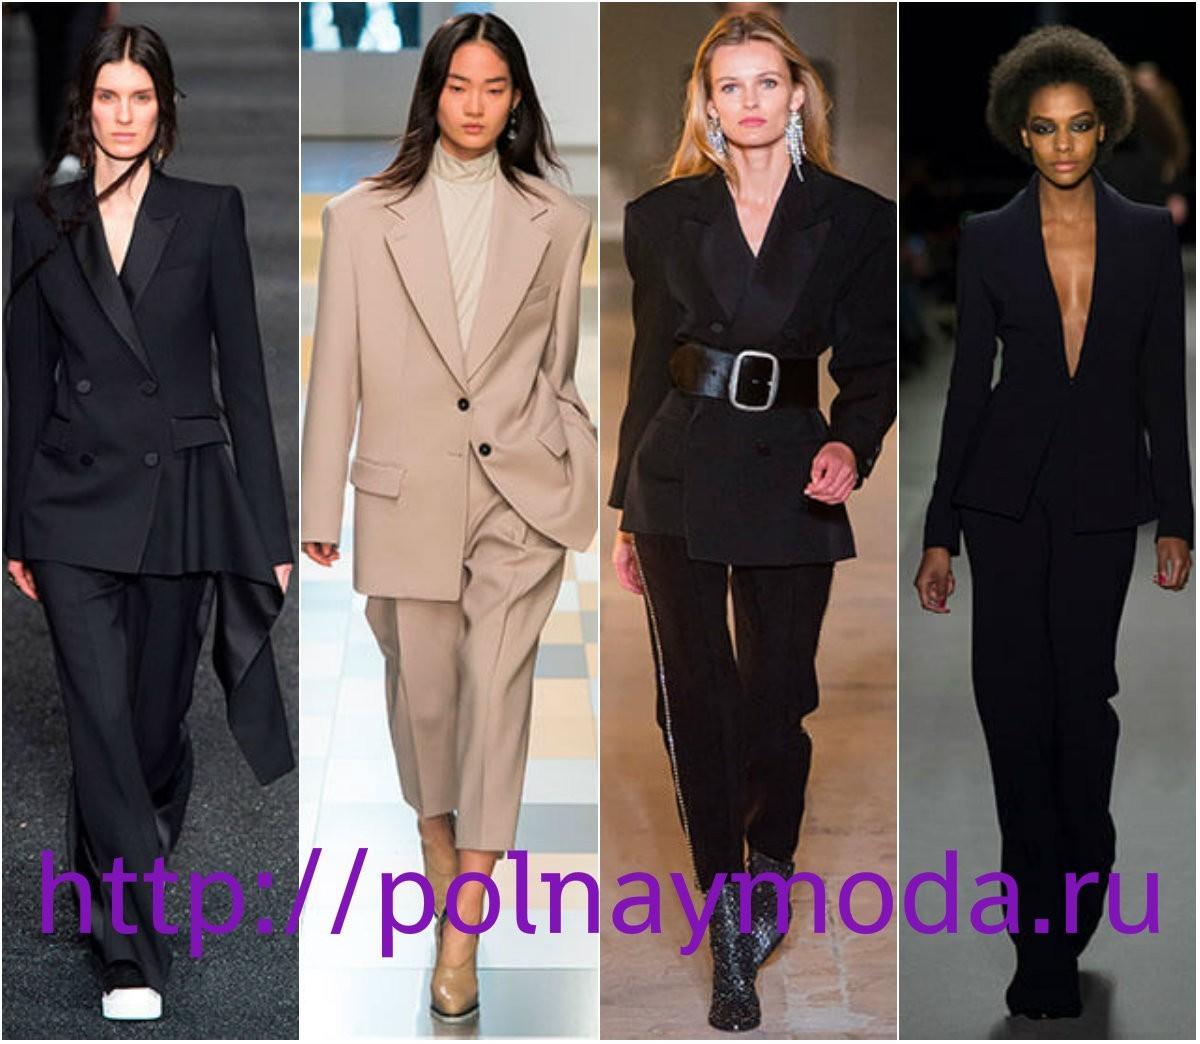 Модный брючный костюм, итальянская мода, осень зима классический брючный  костюм для женщин 3aa4f603c0e